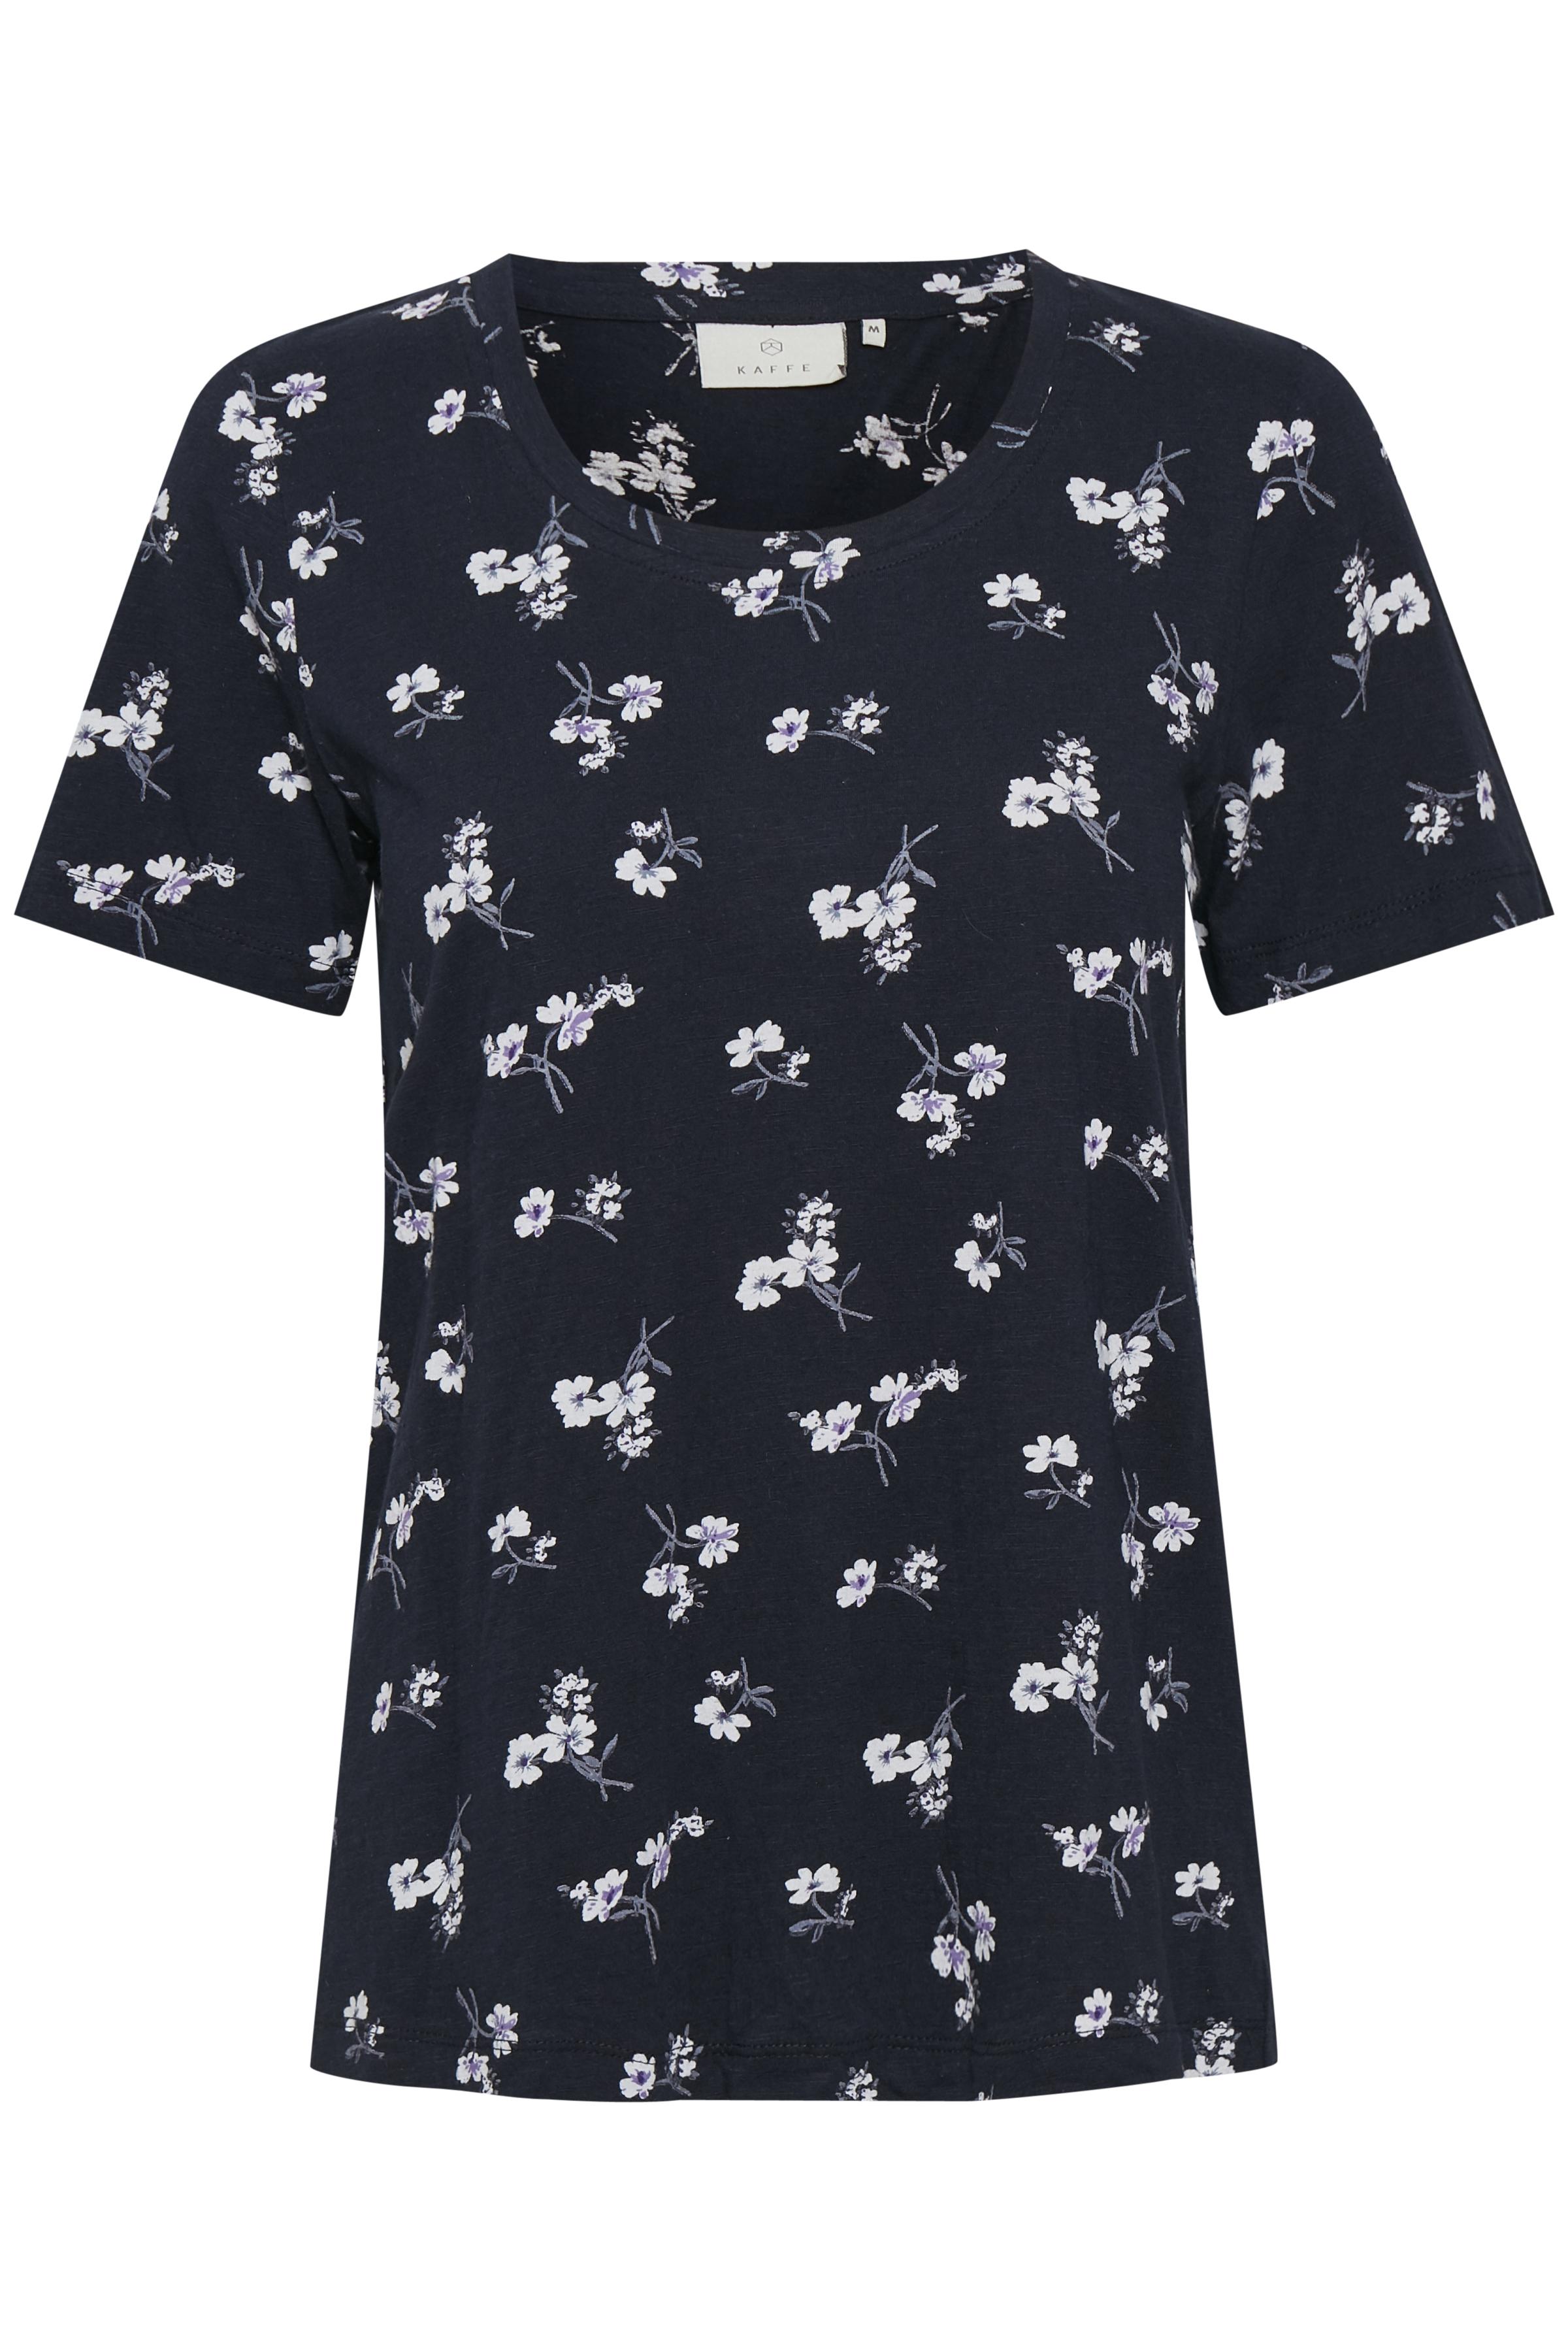 Marinblå/vit Kortärmad T-shirt från Kaffe – Köp Marinblå/vit Kortärmad T-shirt från stl. XS-XXL här